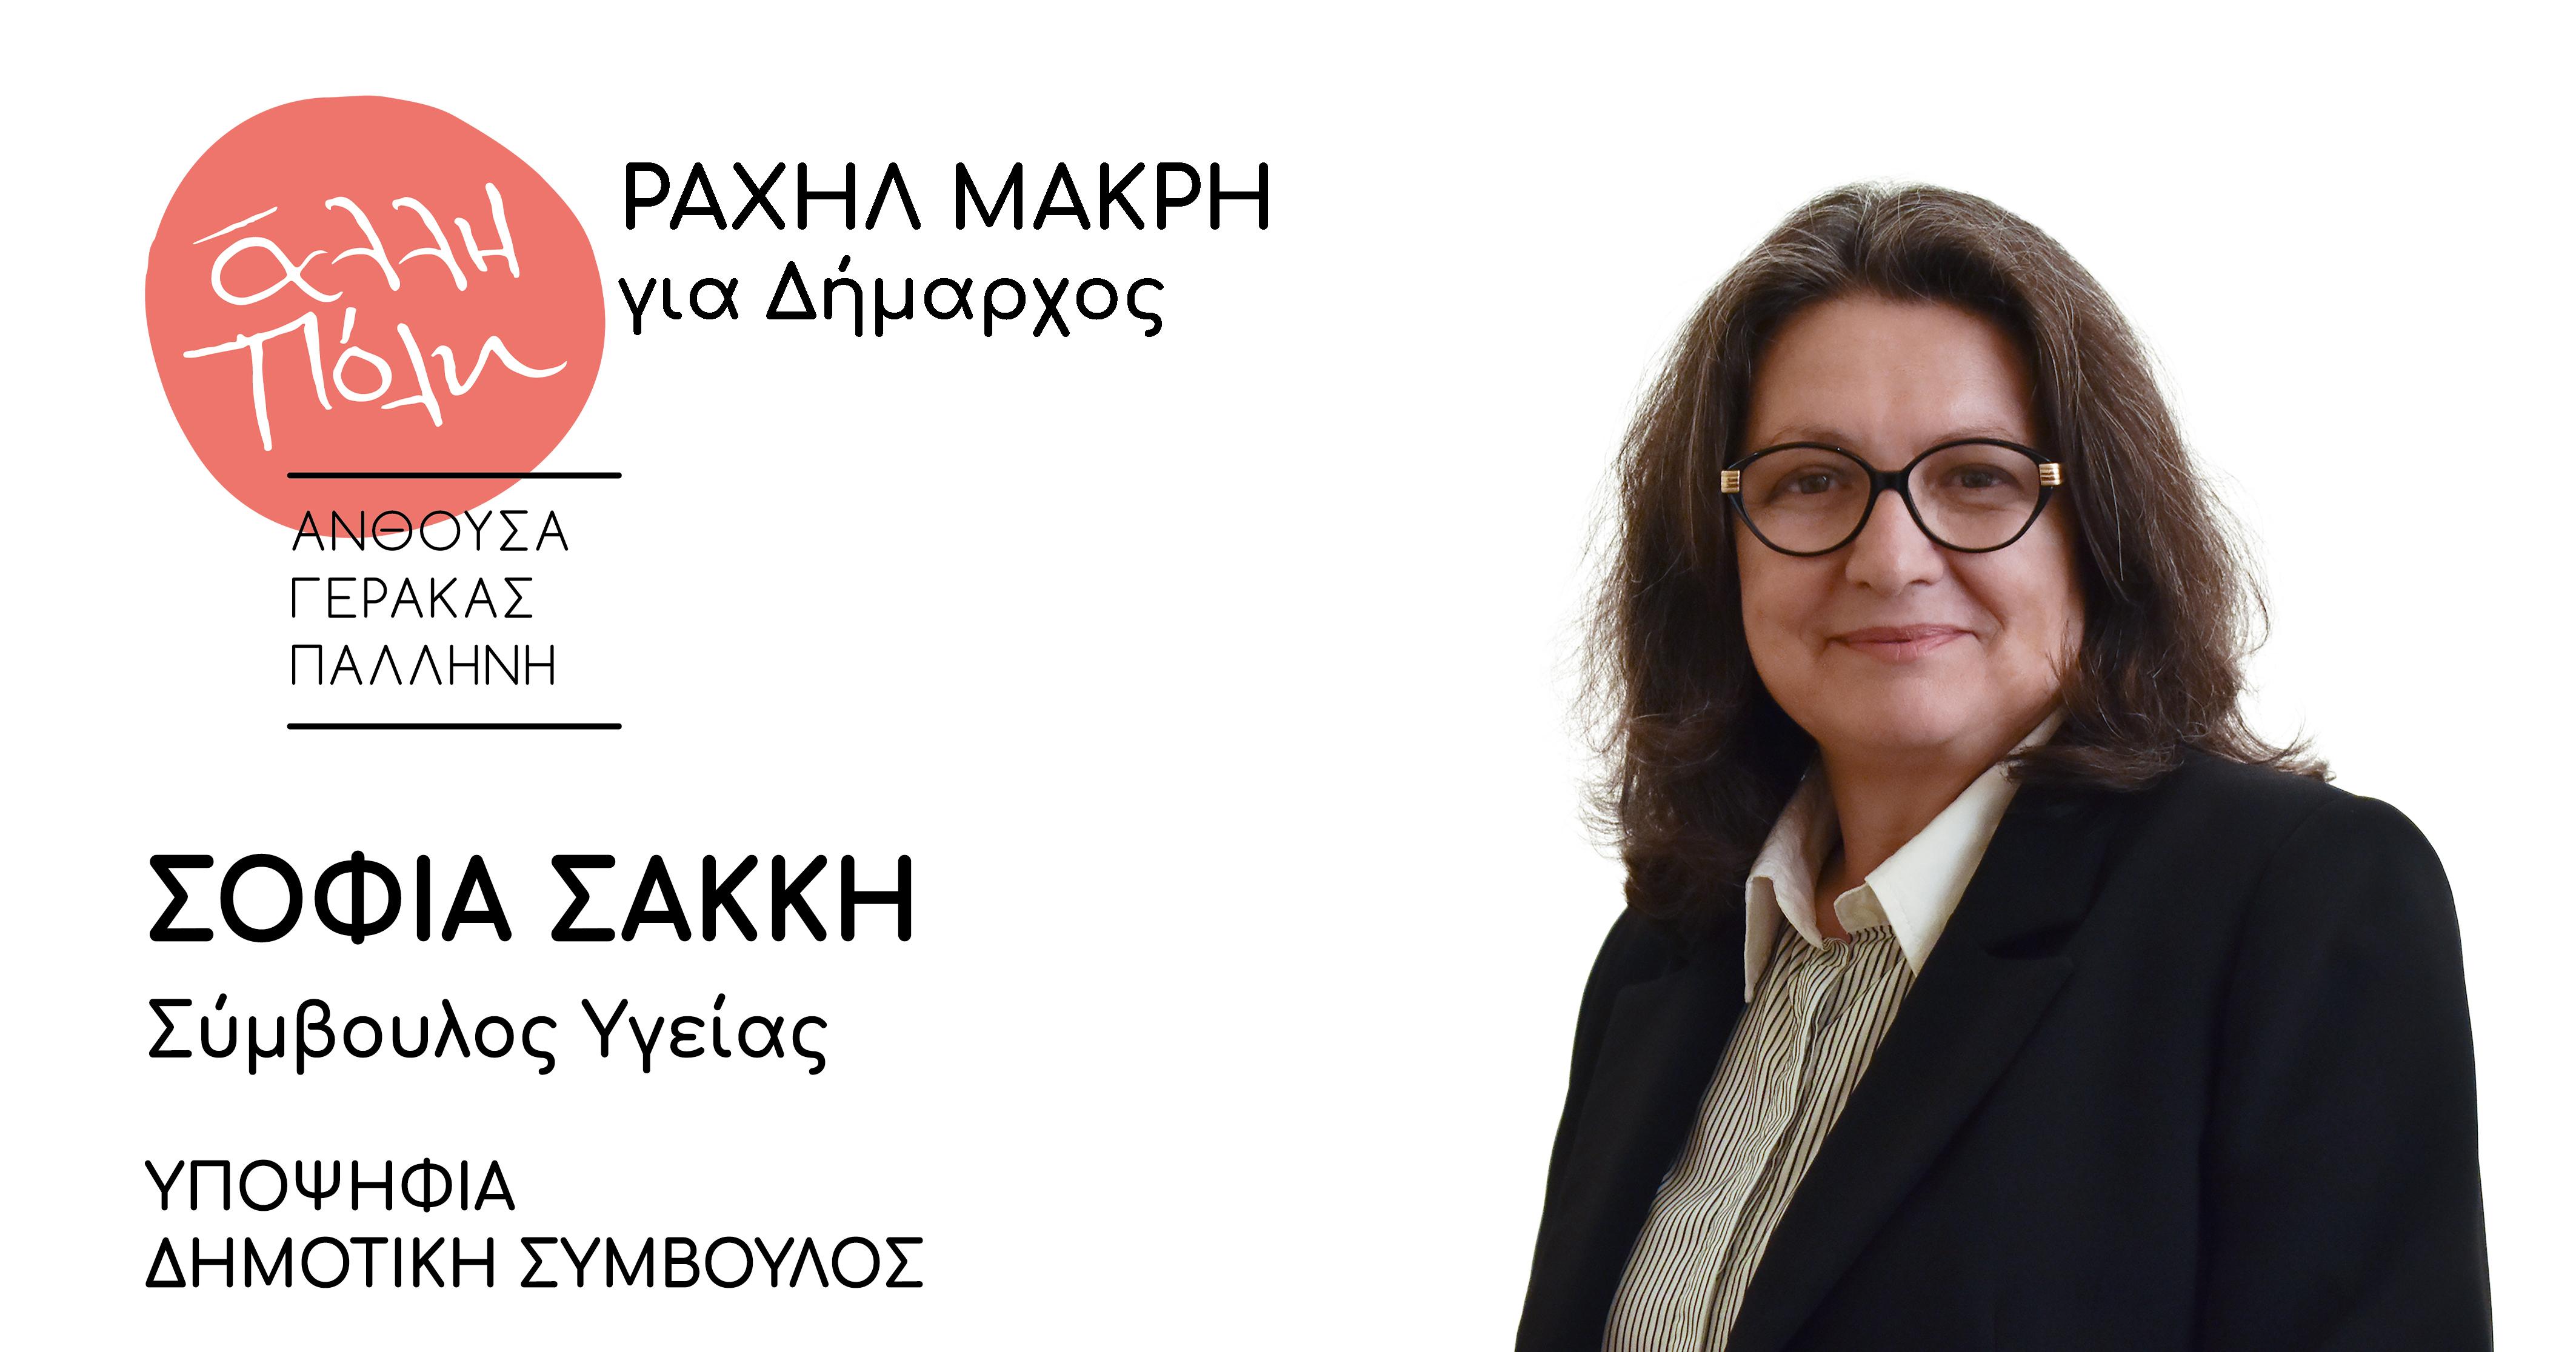 Υποψήφια Δημοτική Σύμβουλος – Σοφία Σακκή